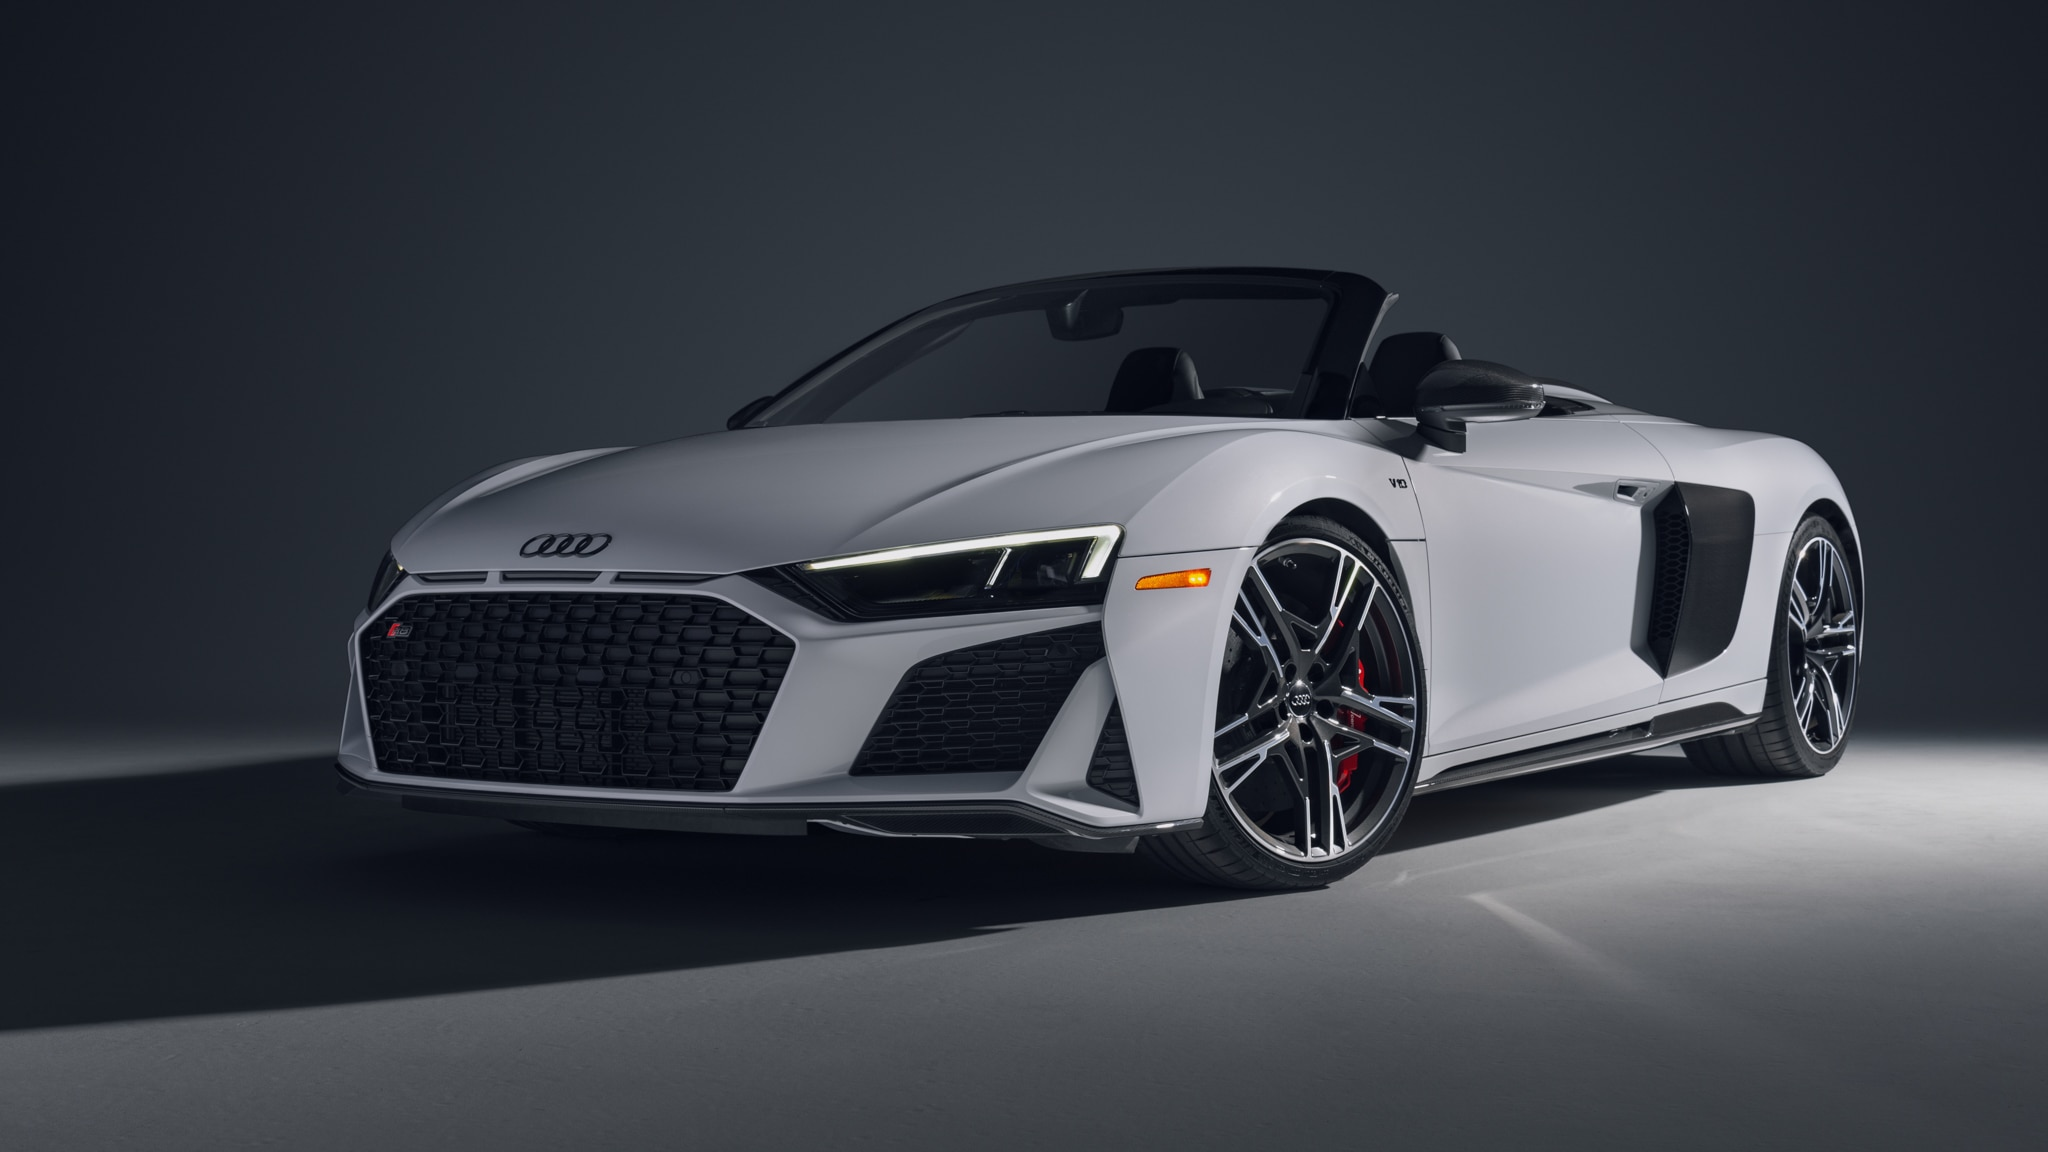 Kelebihan Audi R8 Sport Perbandingan Harga